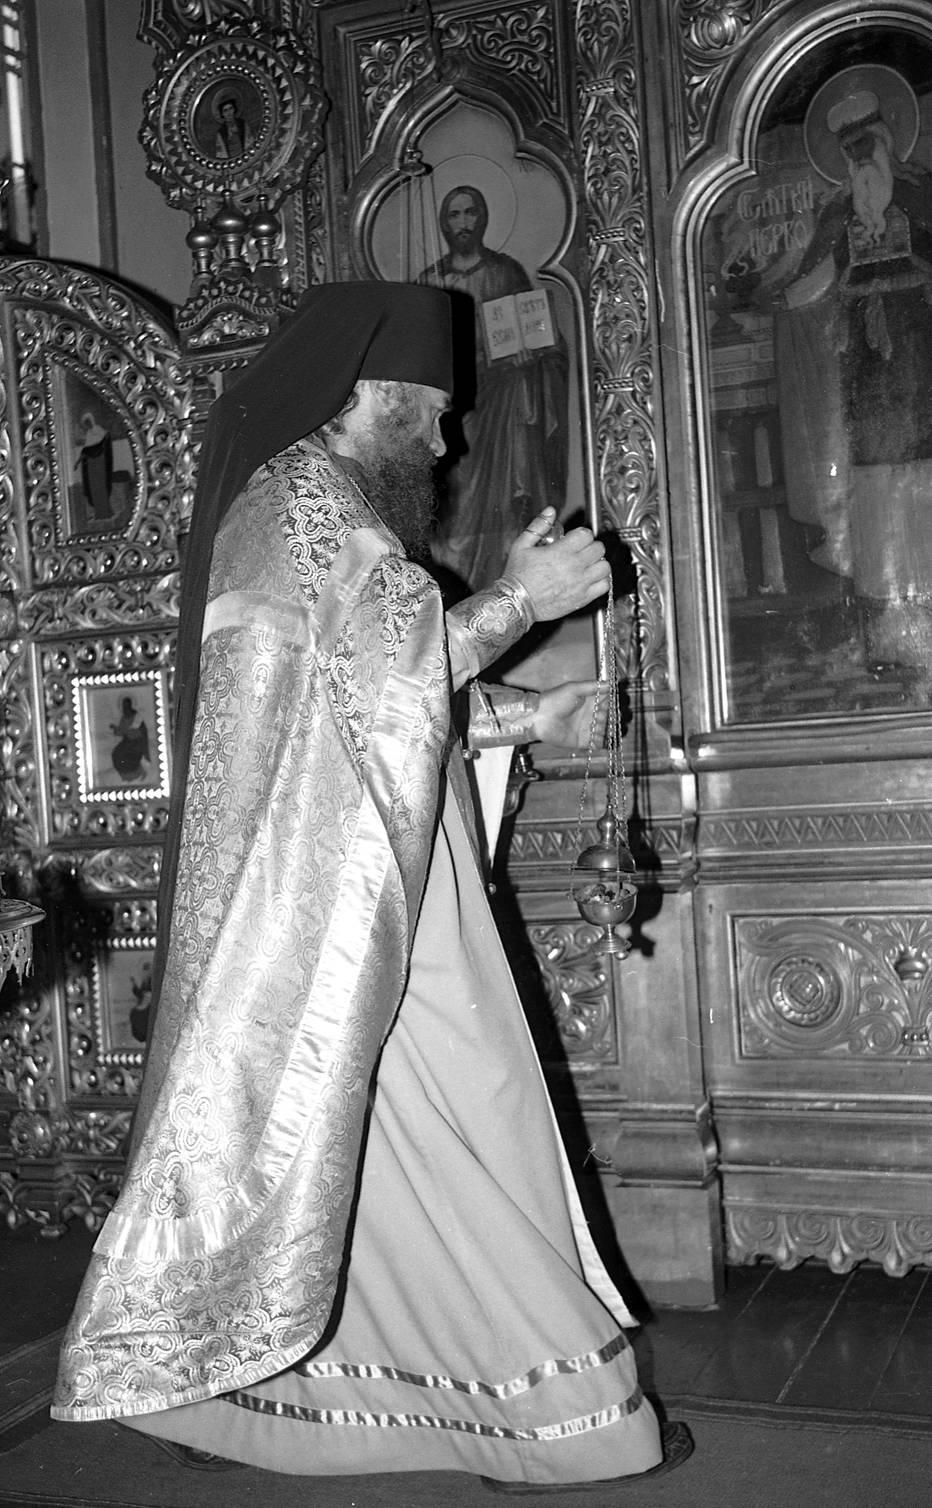 Klaipėdos stačiatikių visų rusų šventųjų bažnyčios šventikas